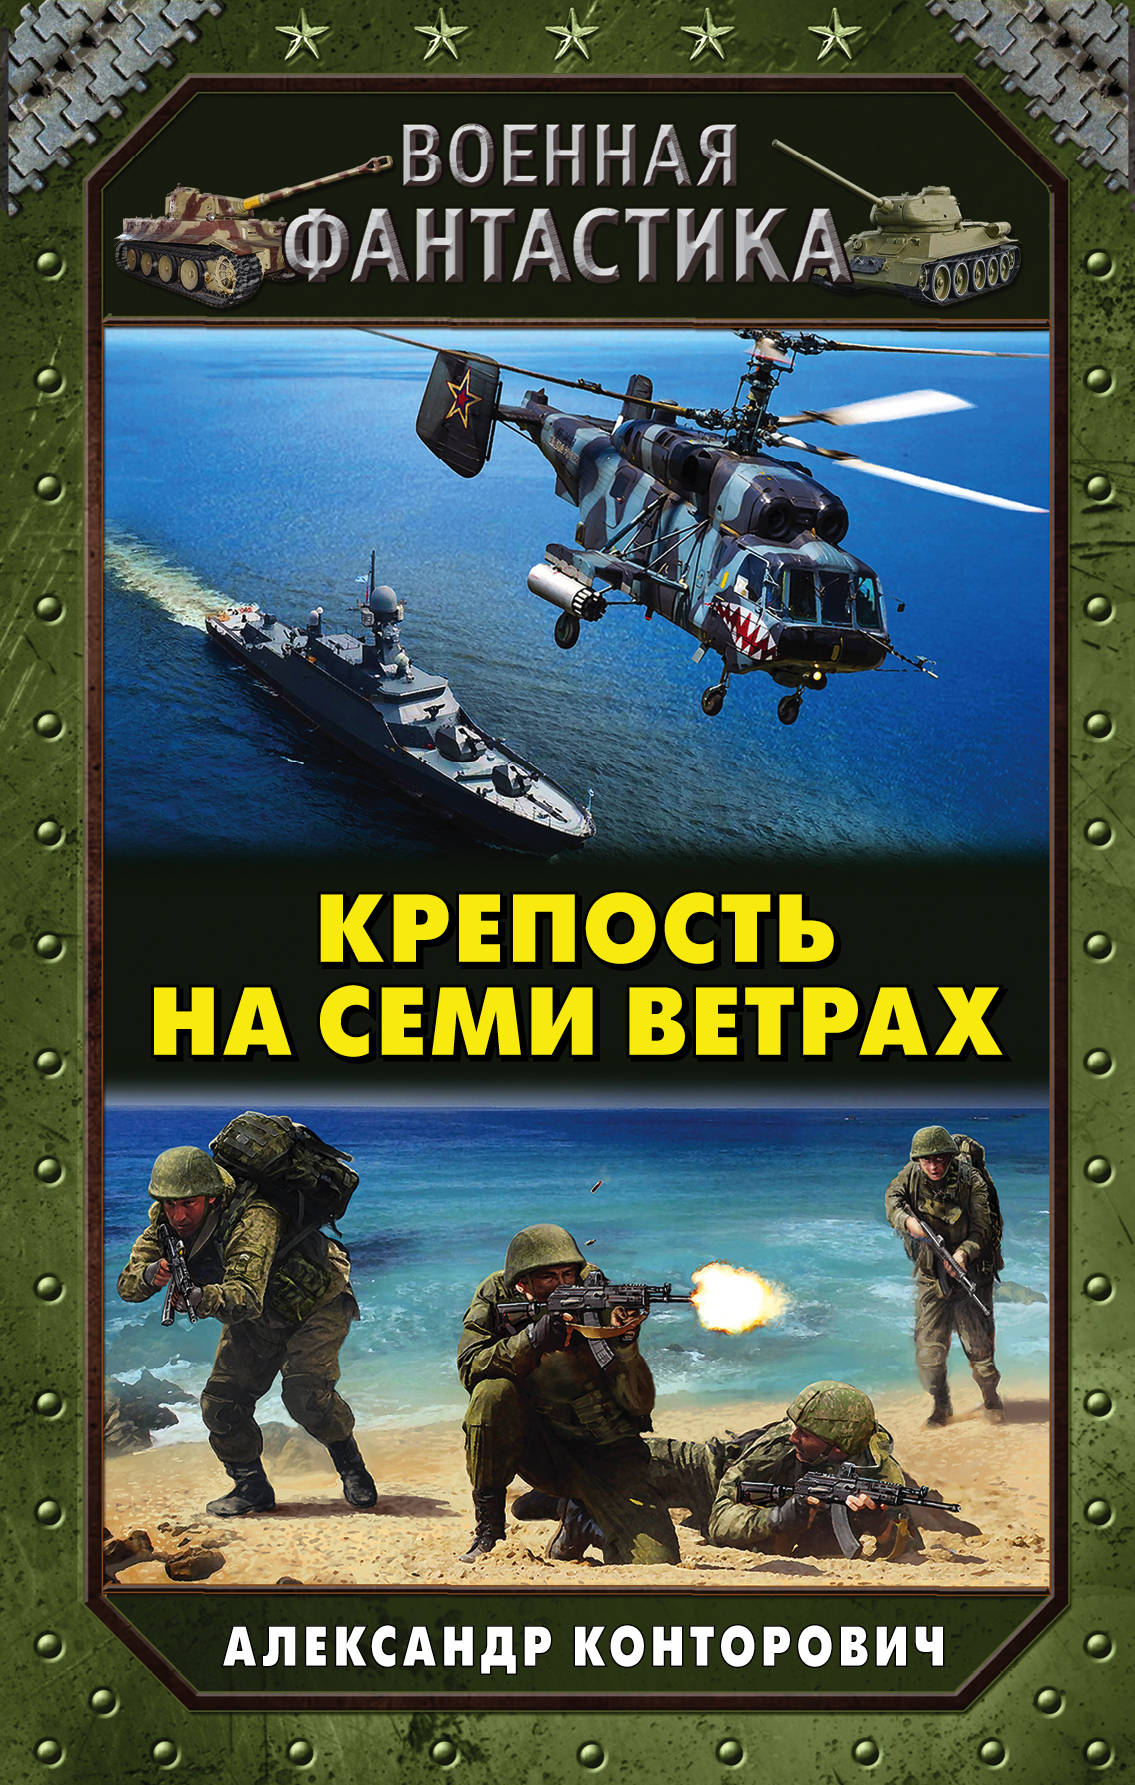 Александр Конторович «Крепость на семи ветрах»